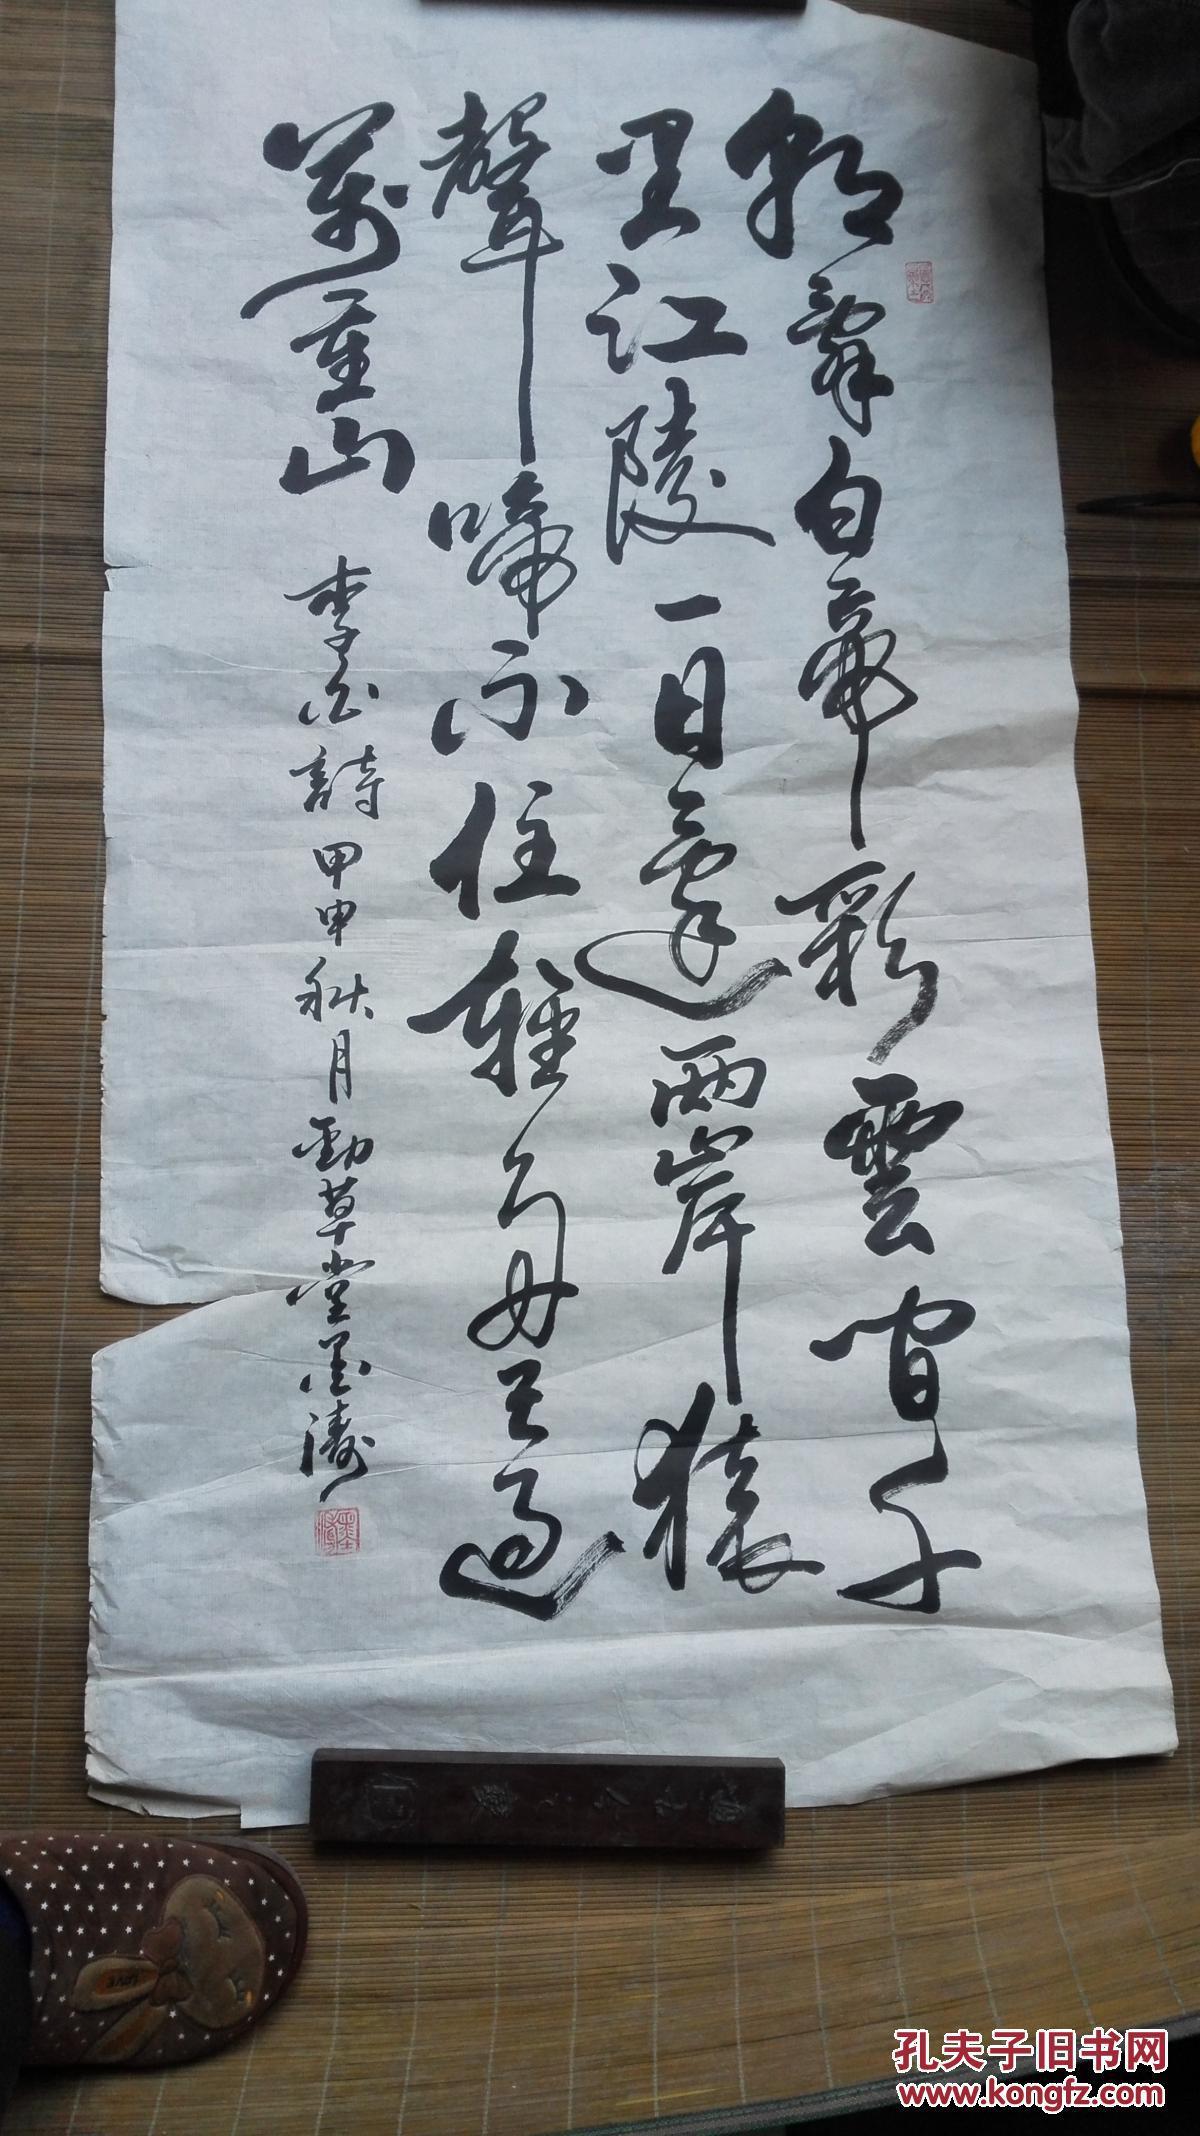 著名书法家墨涛书法 墨涛: 1954 年生于天津,原名靳富强,自幼酷爱书画图片